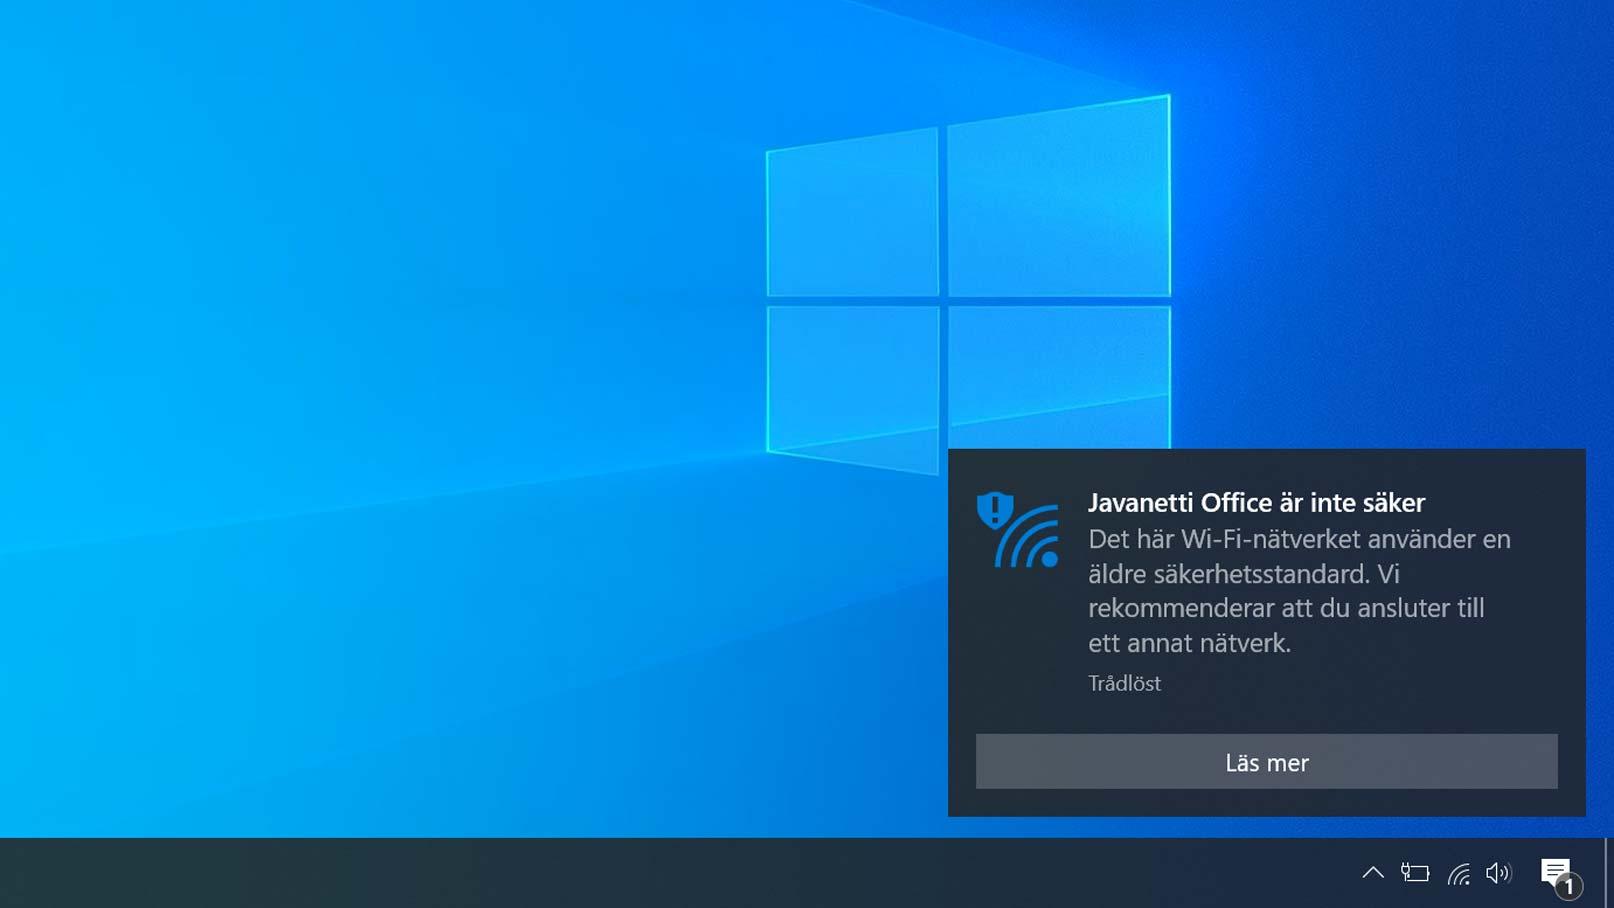 Dialogruta i Windows: Wifi-nätverket använder en äldre säkerhetsstandard. Vi rekommenderar att du ansluter till ett annat nätverk.